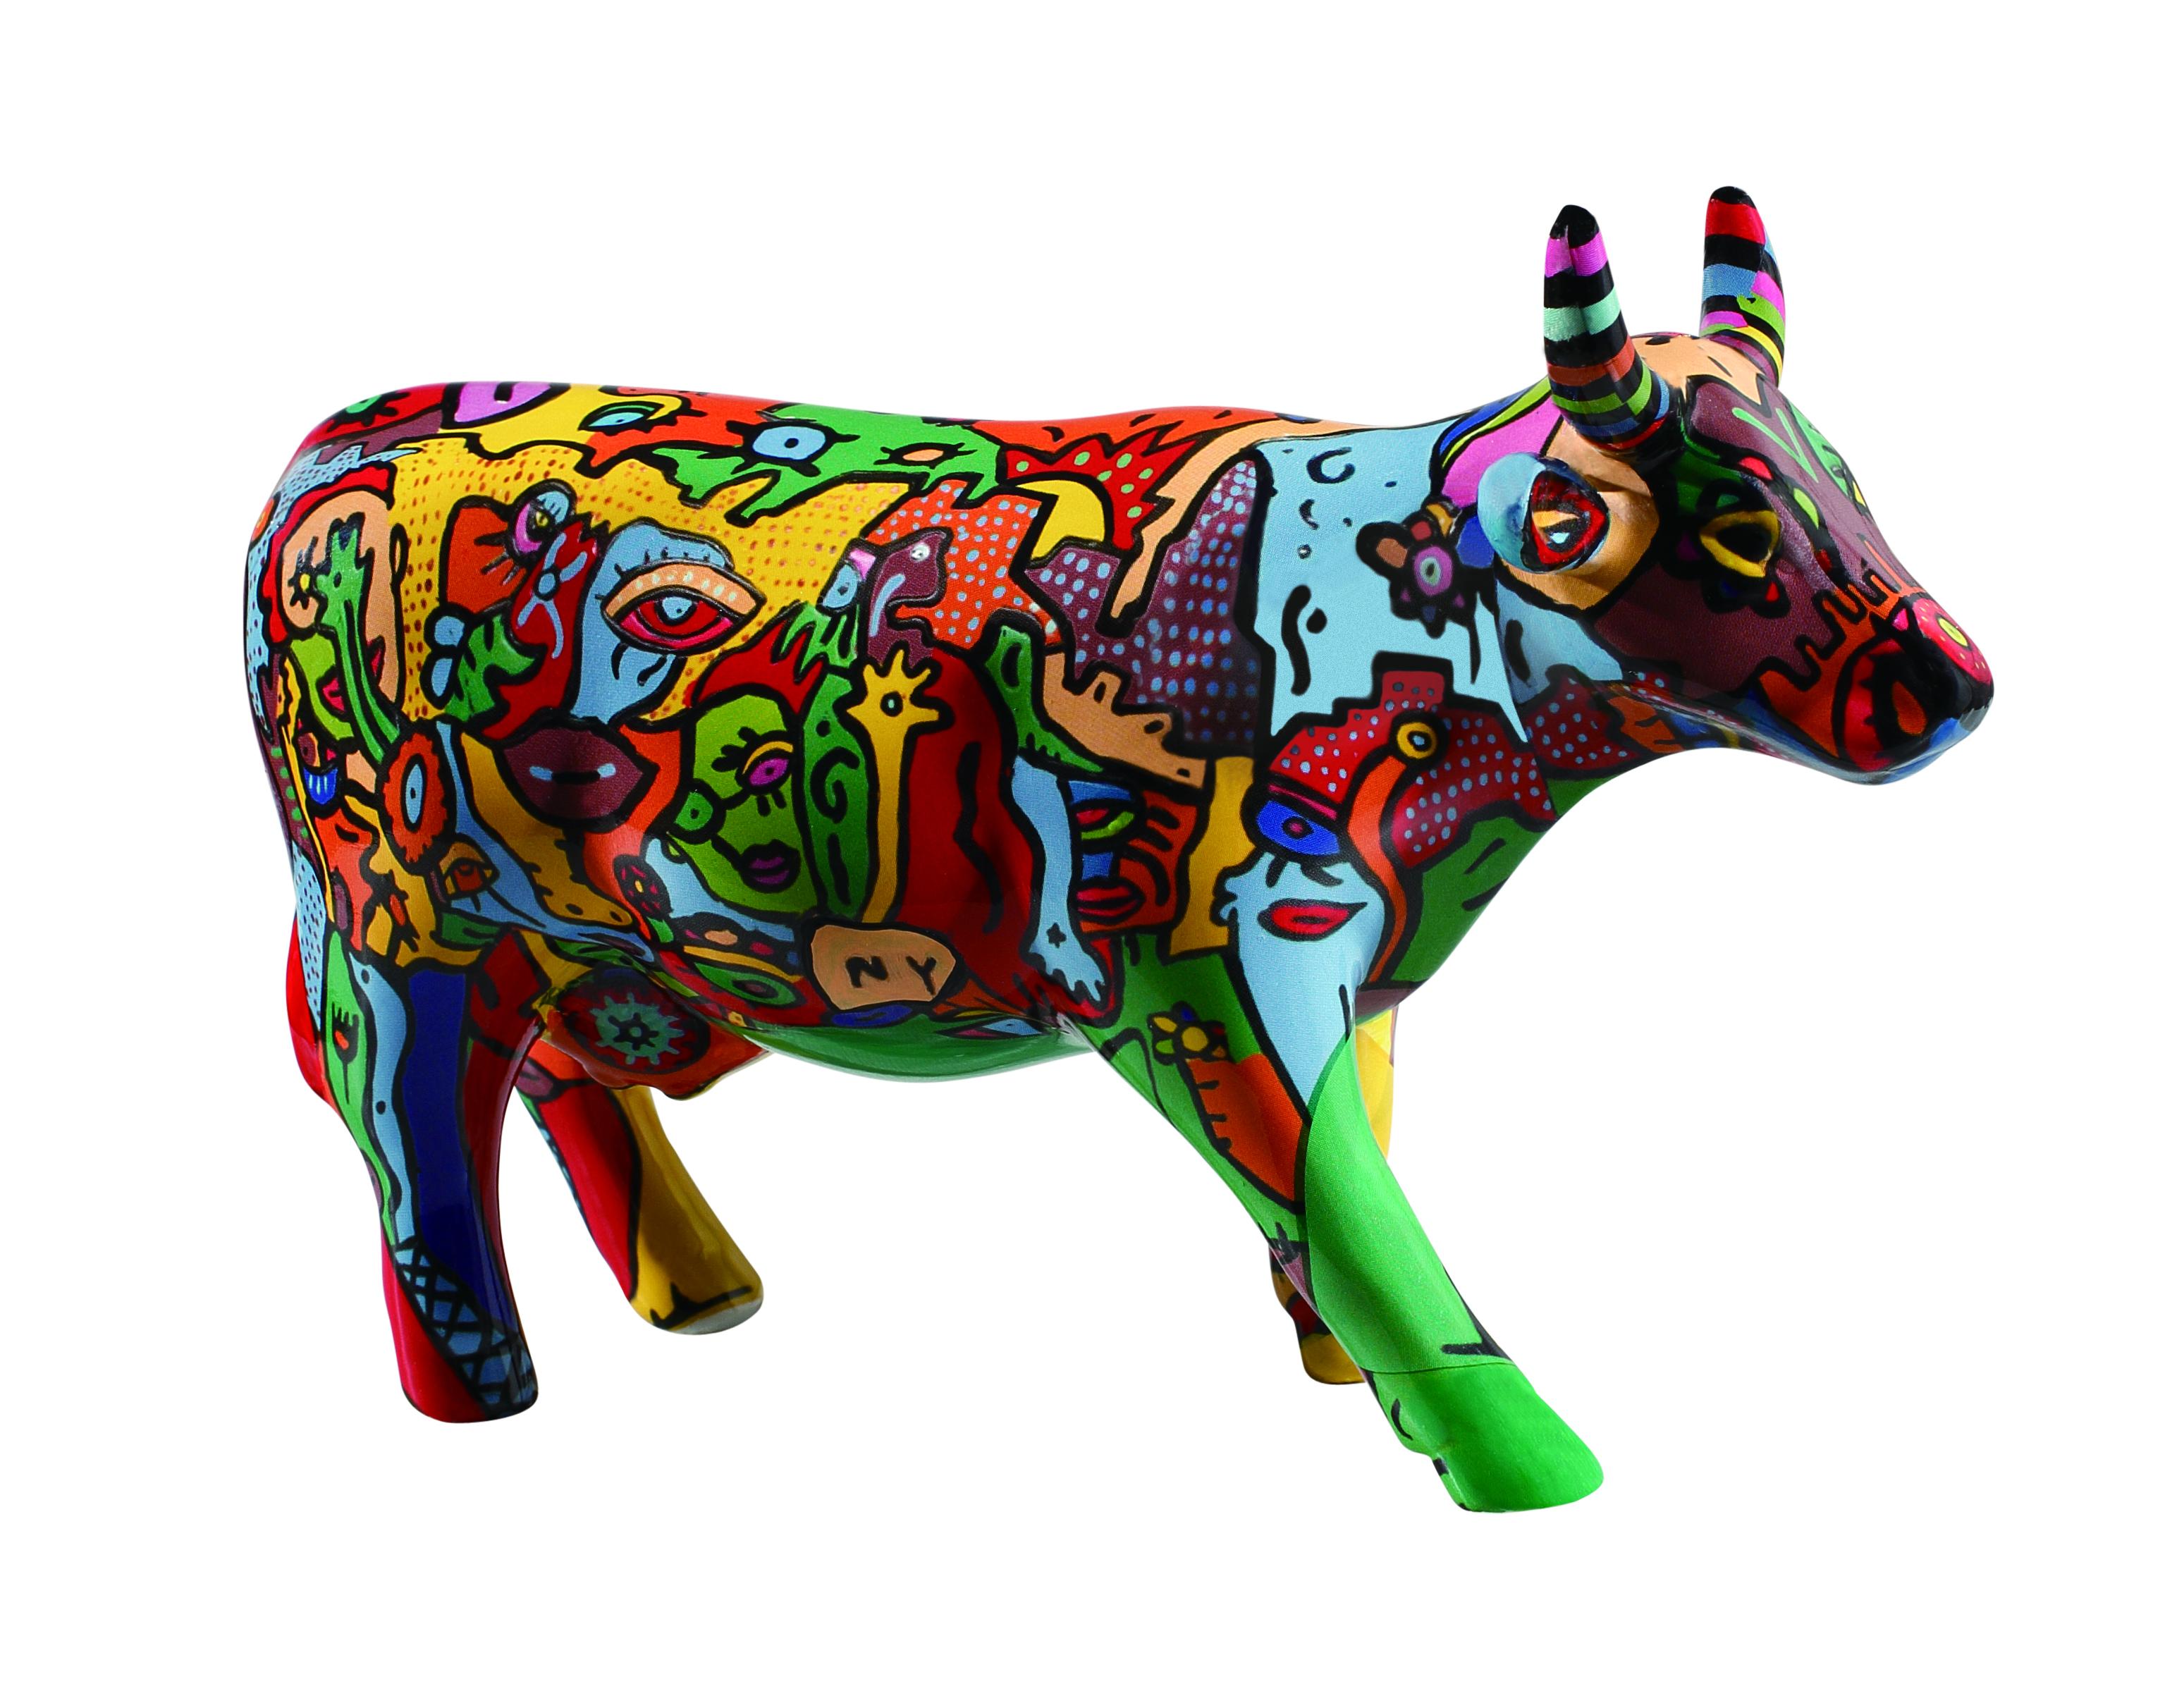 Cow Parade Moo York Celebration Medium Cowparade